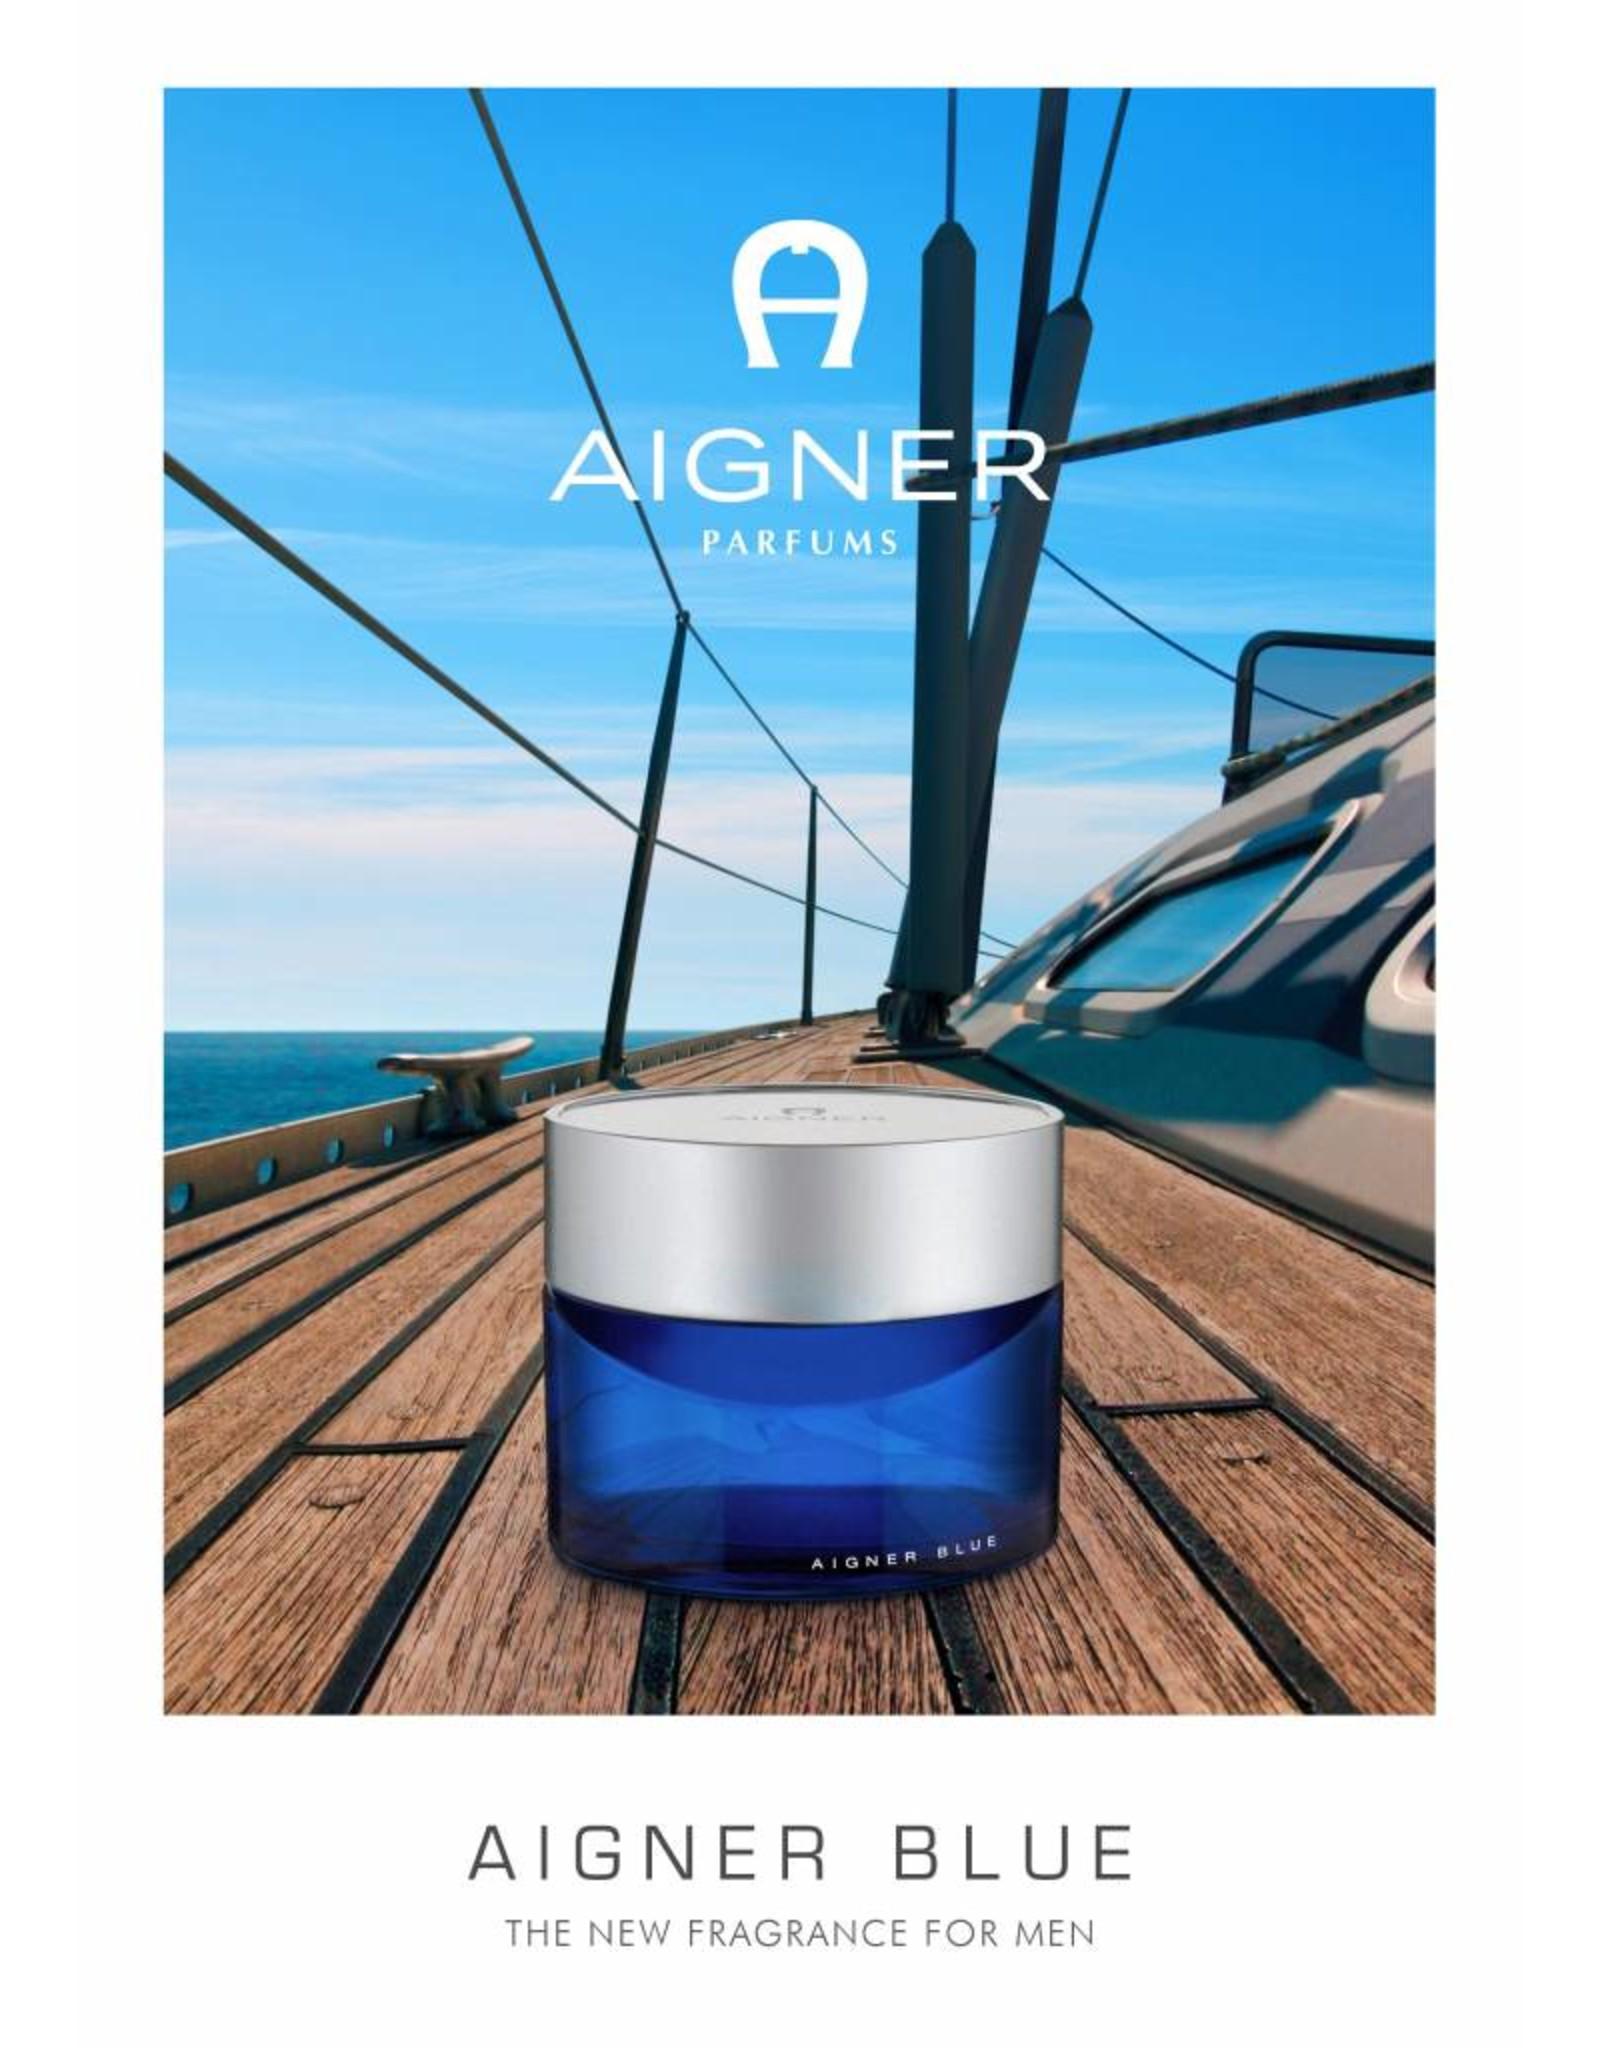 Aigner Bleu Eau De Toilette for Men by Etienne Aigner - Parfumerie  Marie-Rose